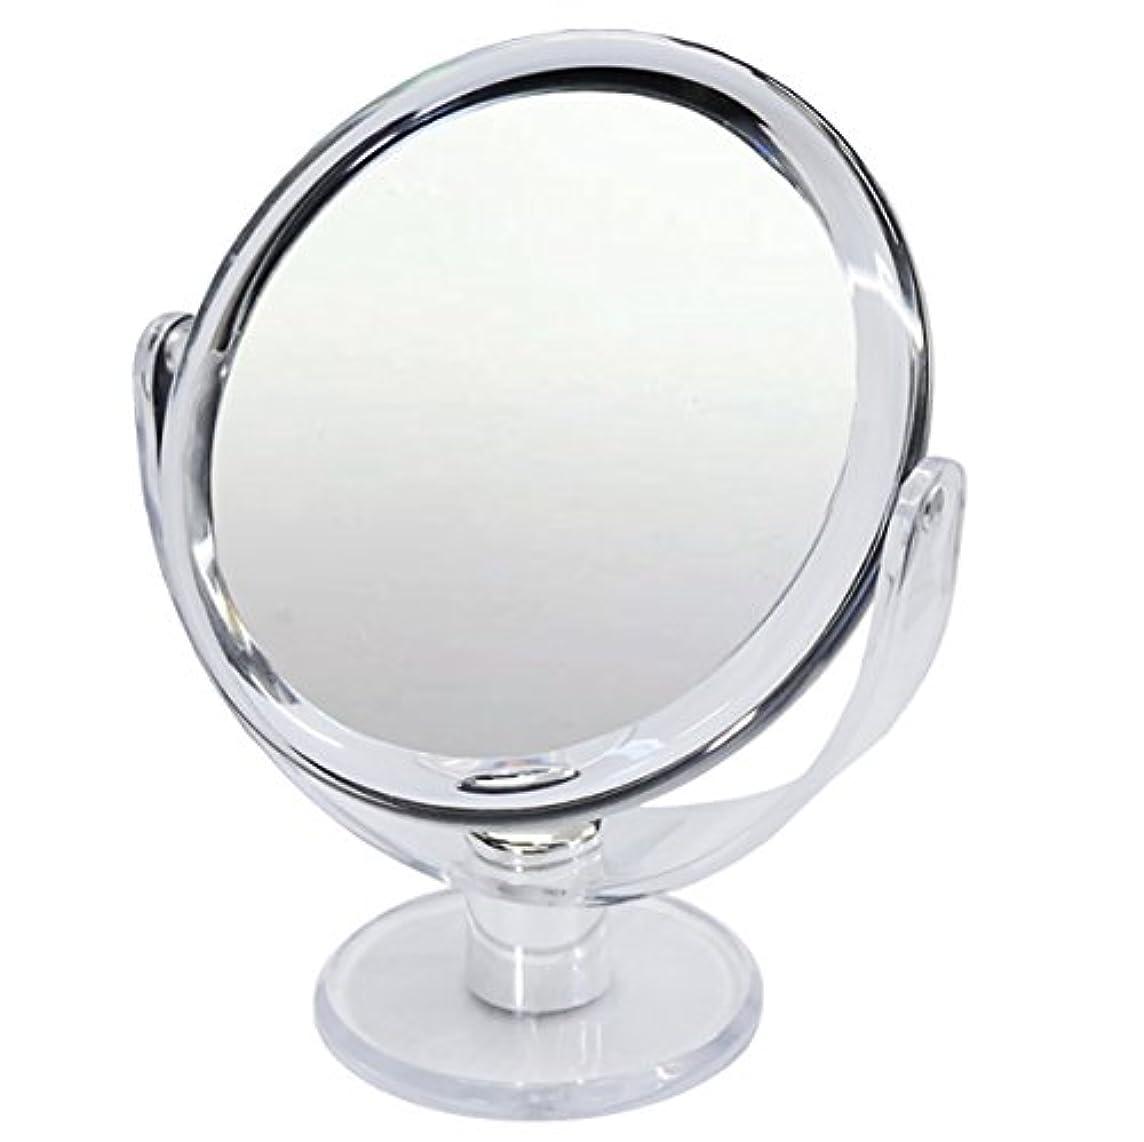 レタッチ害燃やす10倍 拡大鏡 スタンドミラー 等倍鏡と10倍鏡の両面鏡